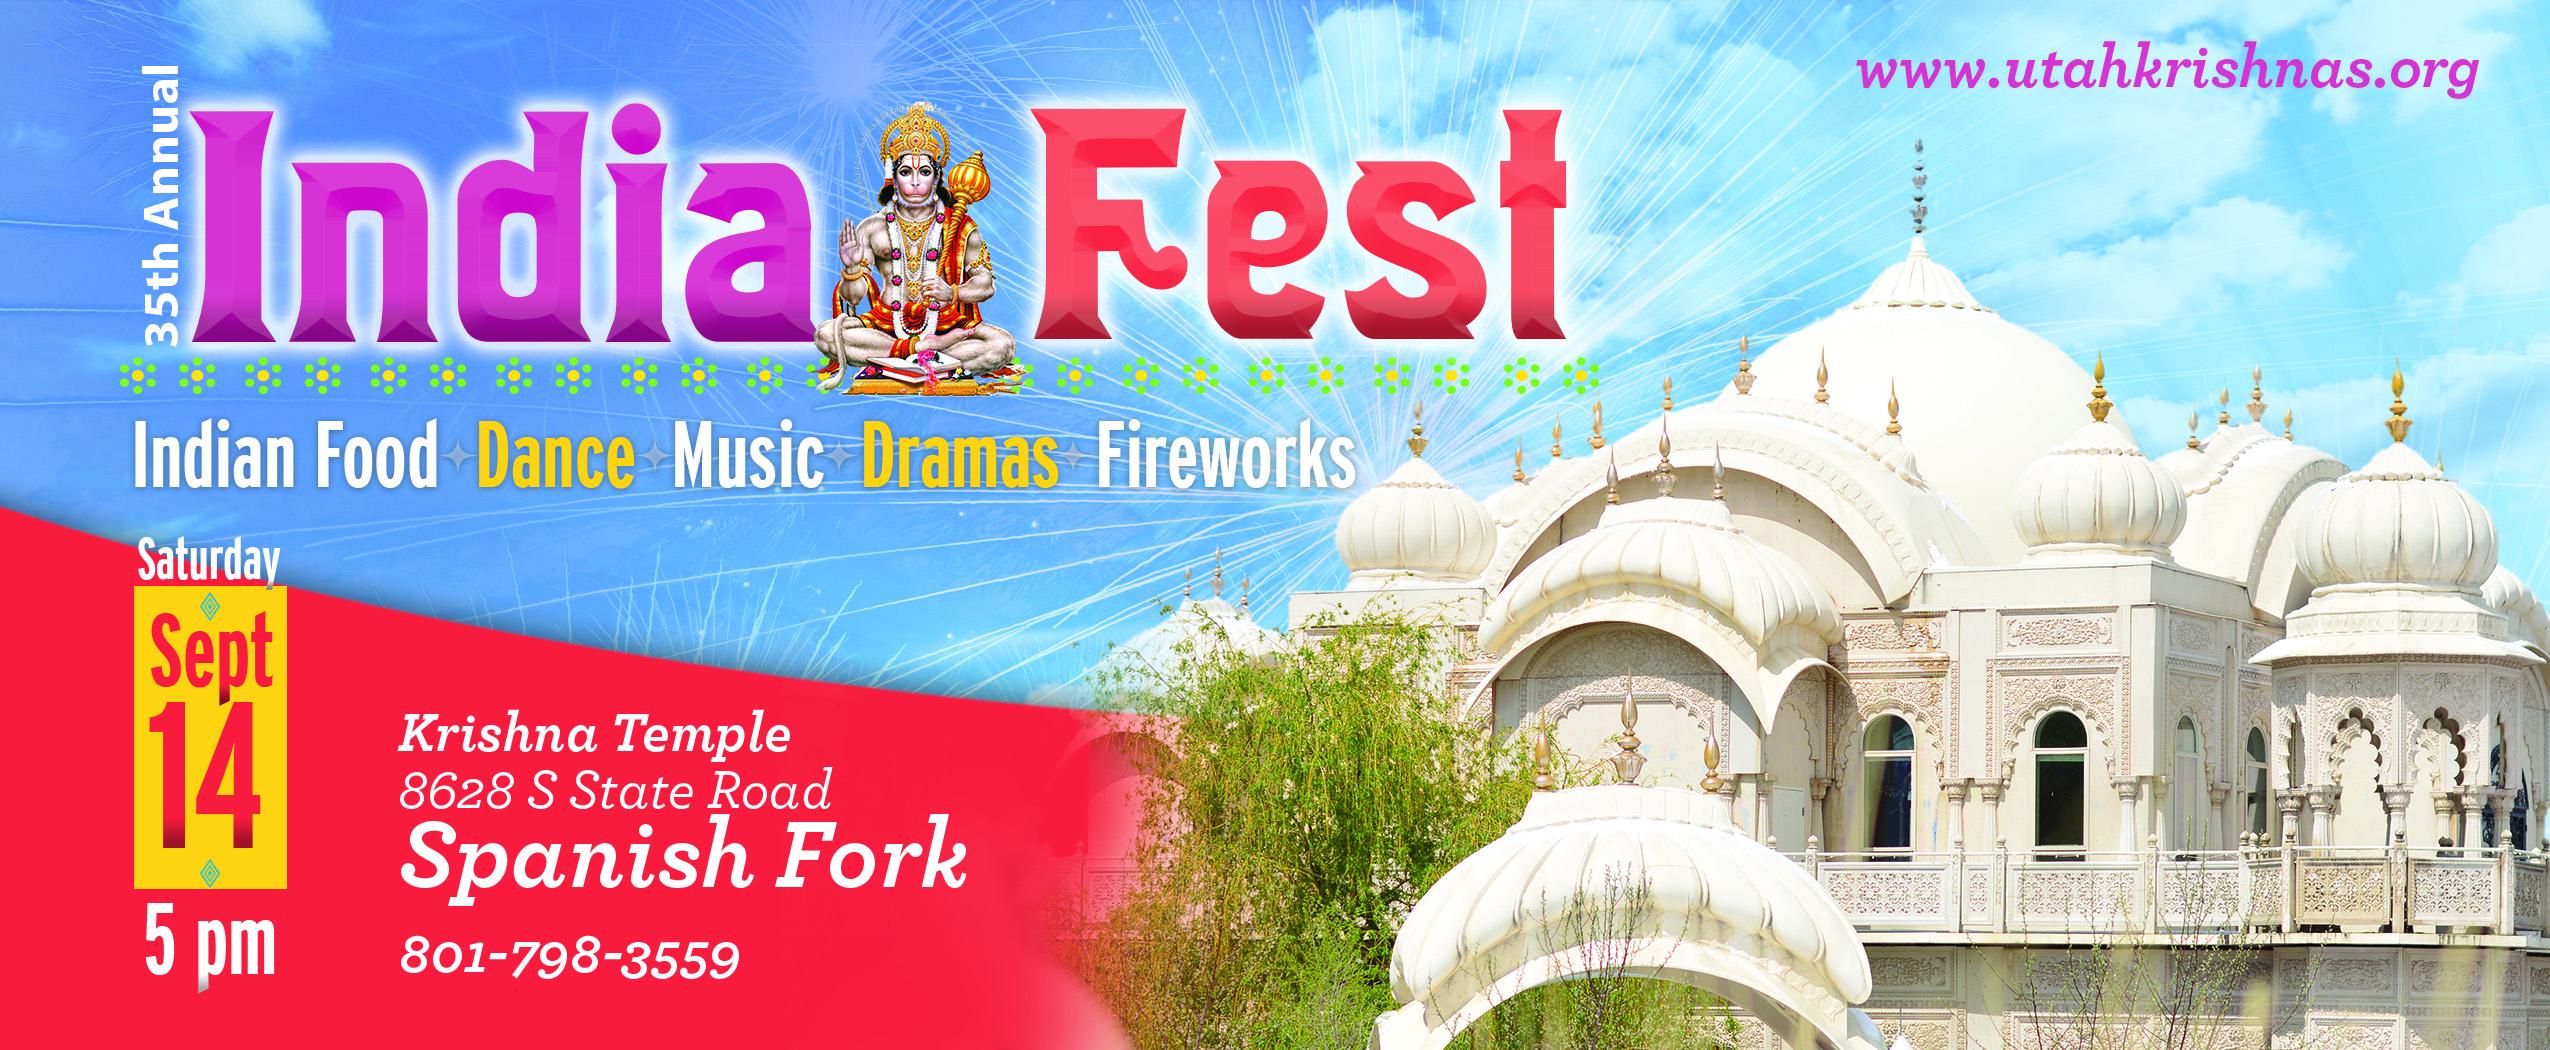 Spanish Fork Color Festival 2020 SLC & Spanish Fork Krishna Temples   Radha Krishna Temple in Utah